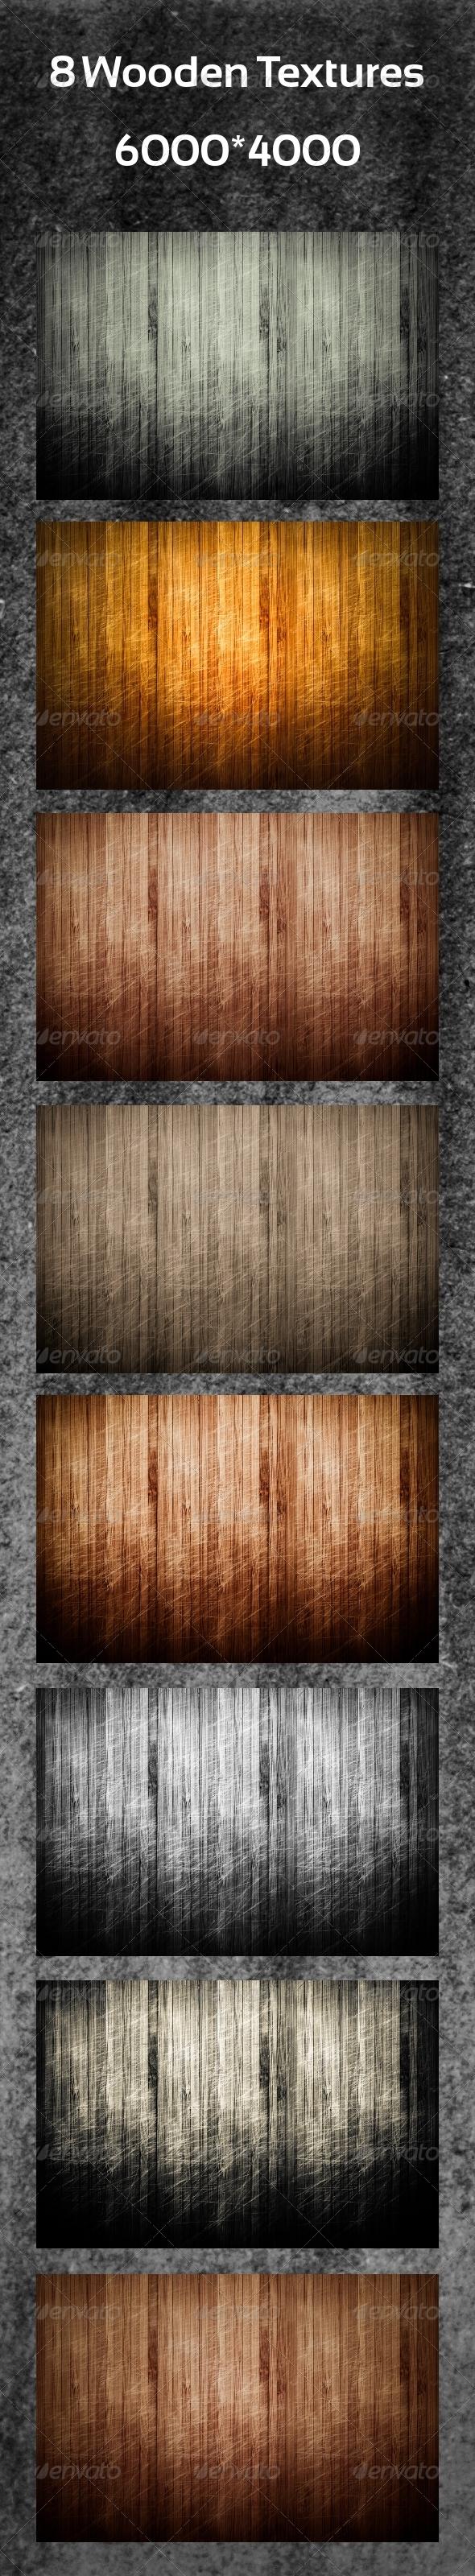 Wooden Textures - Wood Textures